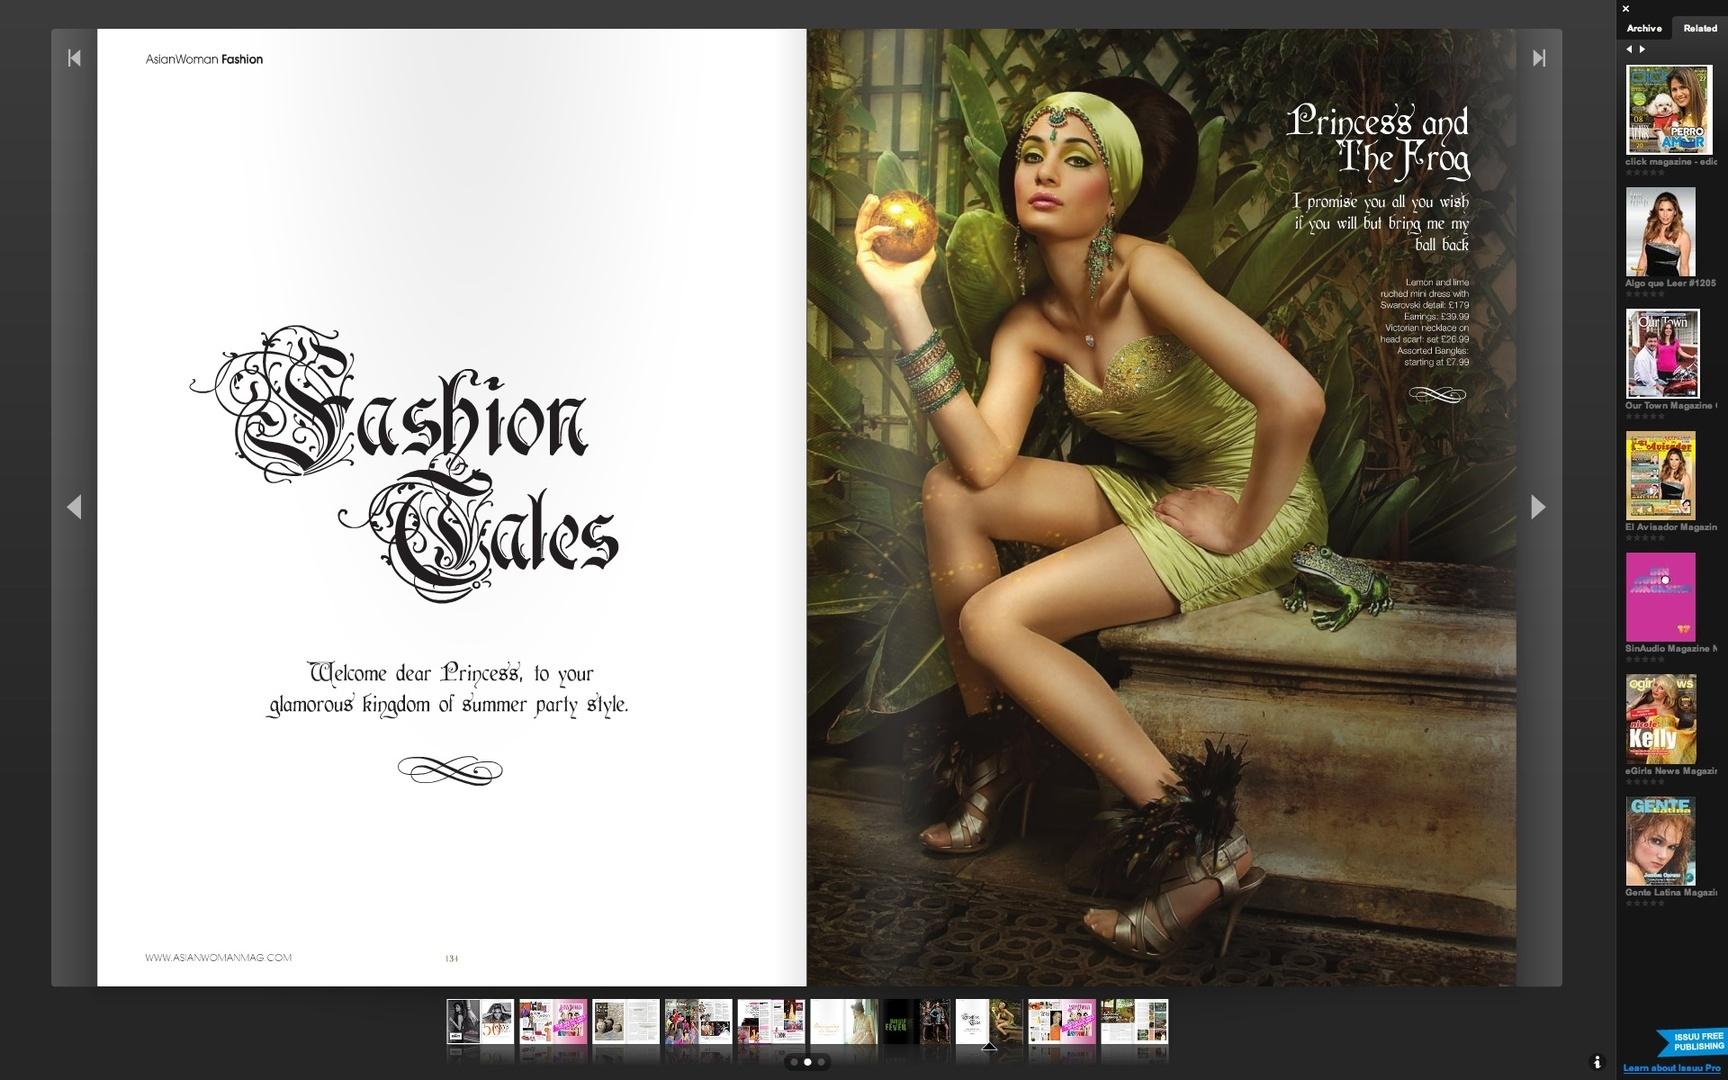 asian woman website screenshots 12.jpeg